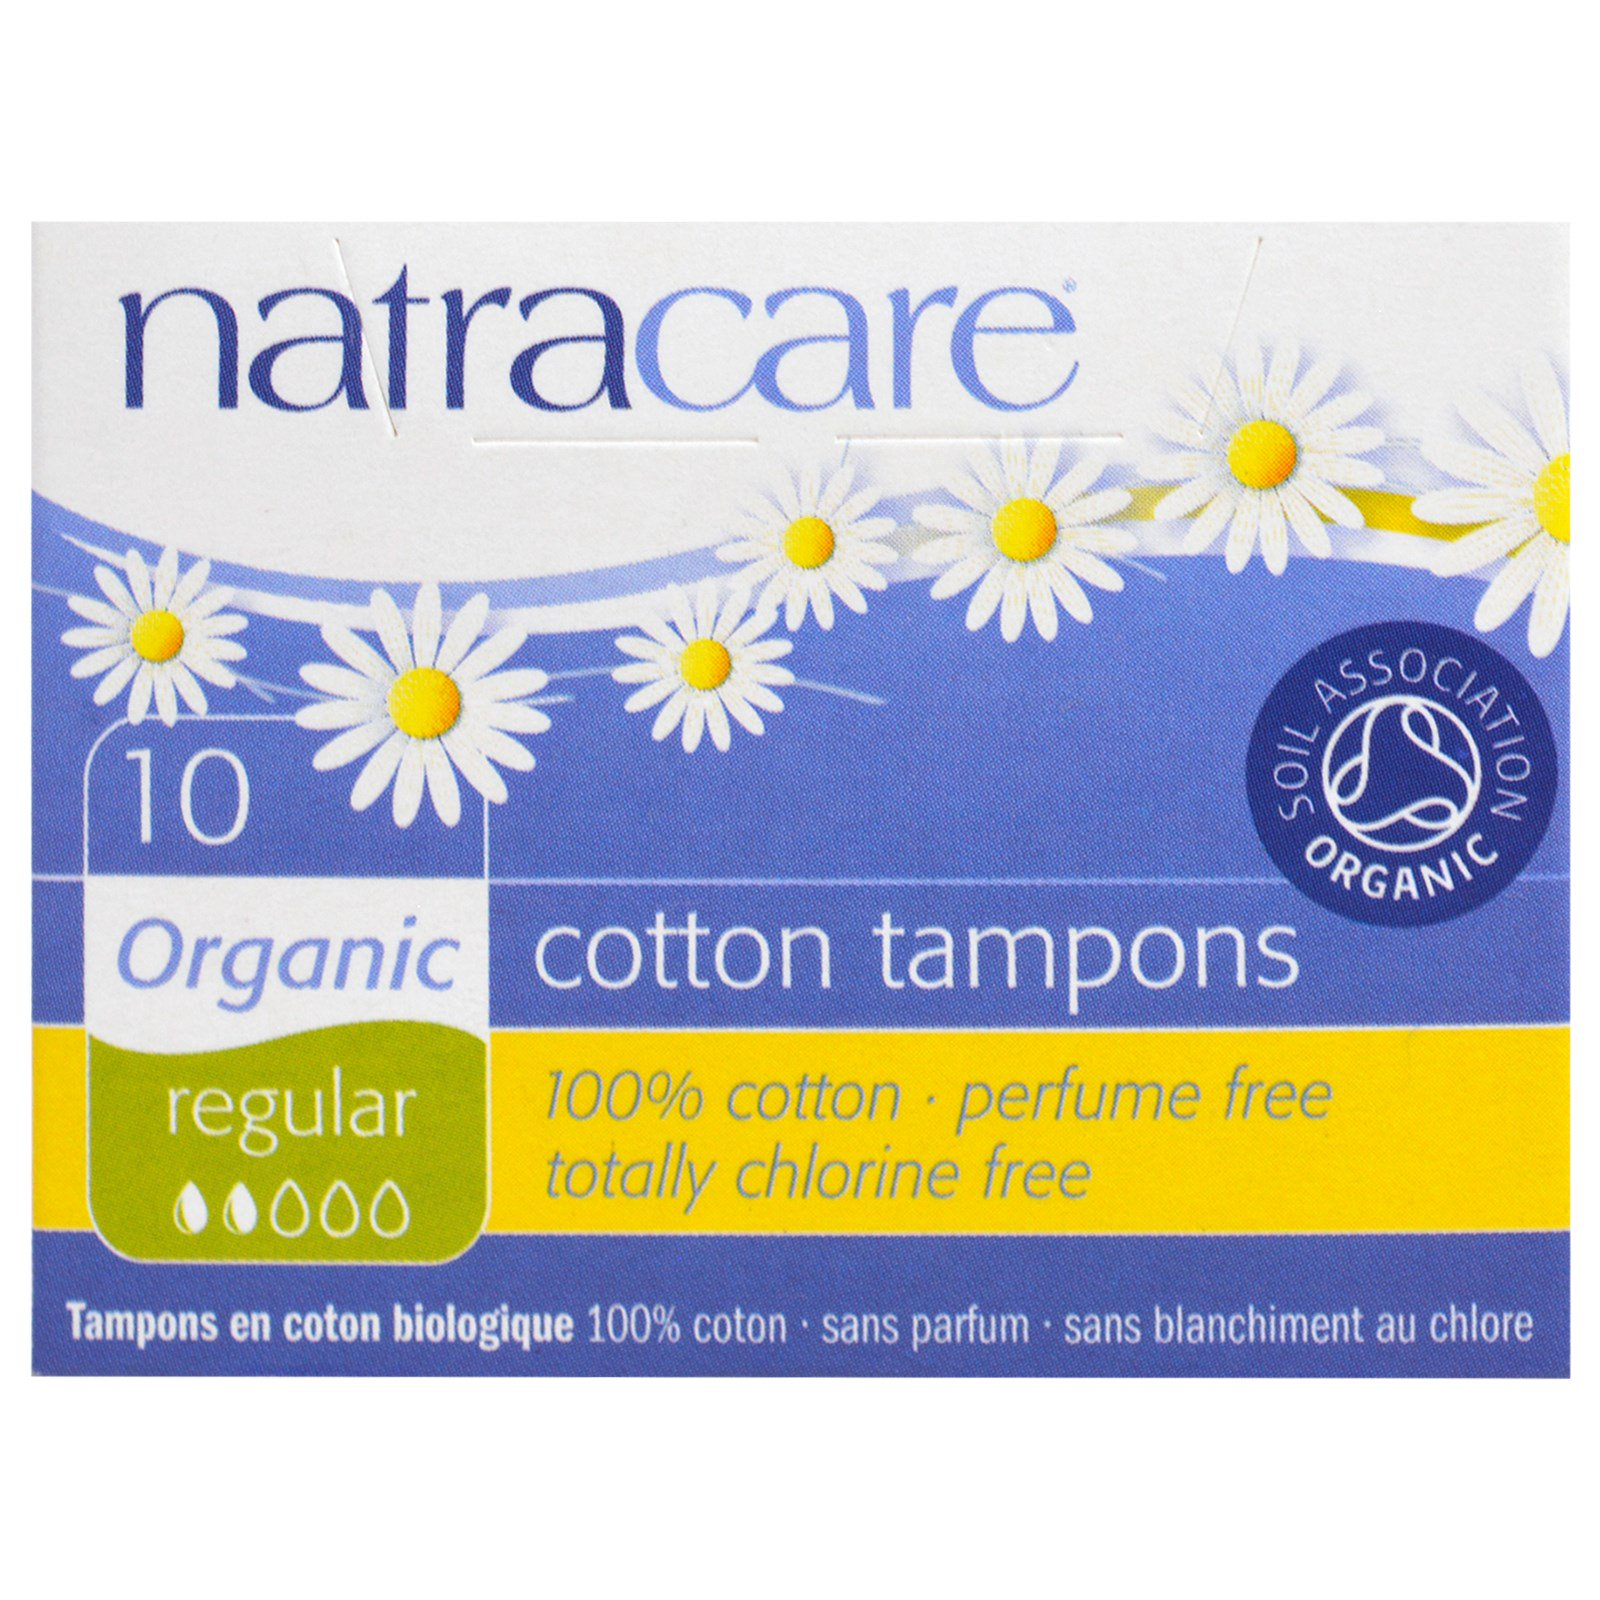 Natracare, Органические ватные тампоны, для умеренных выделений, 10 тампонов